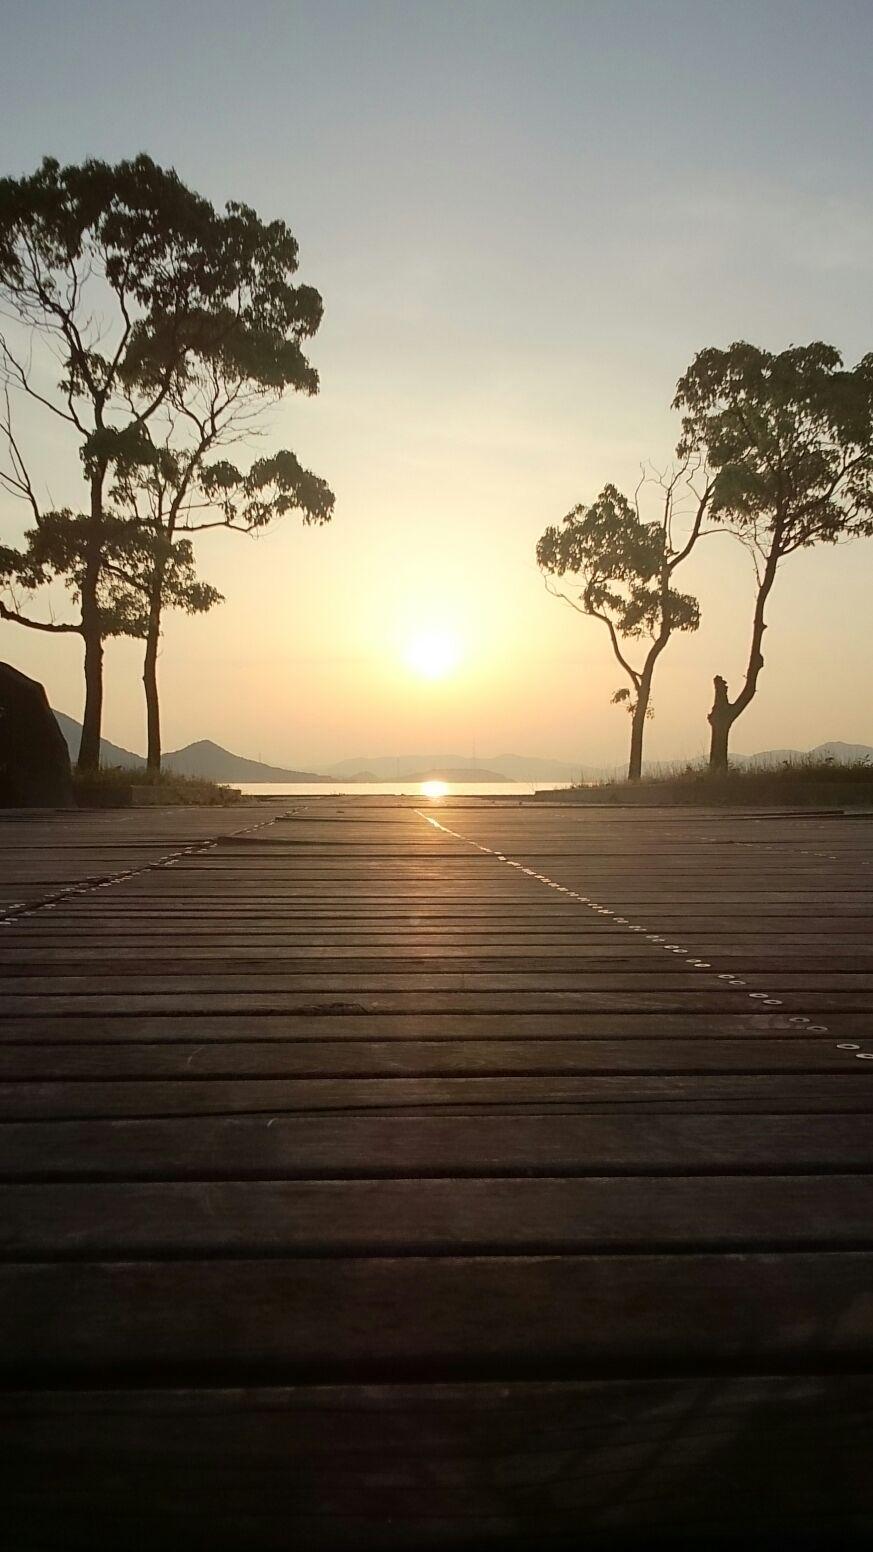 瀬戸田サンセットビーチの夕景